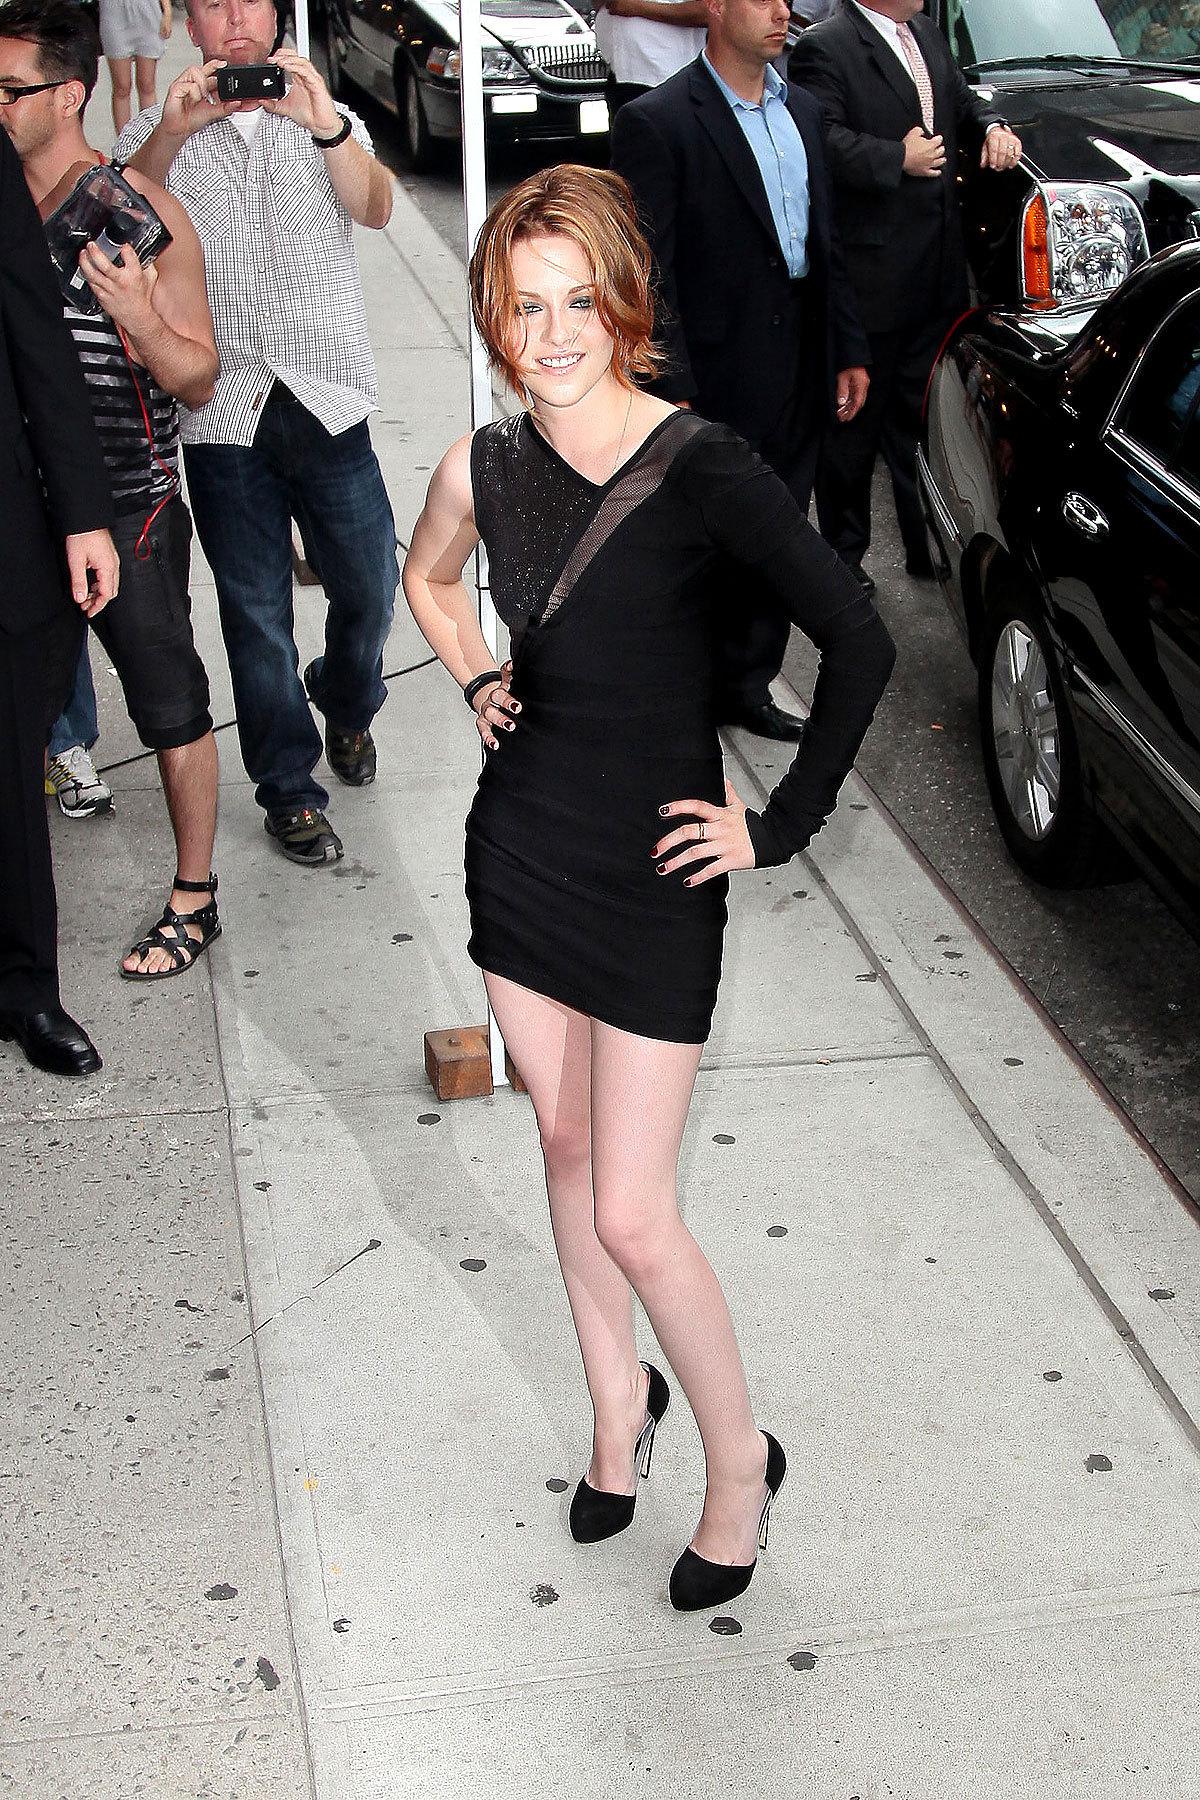 Kristen Stewart's New Blonde Locks